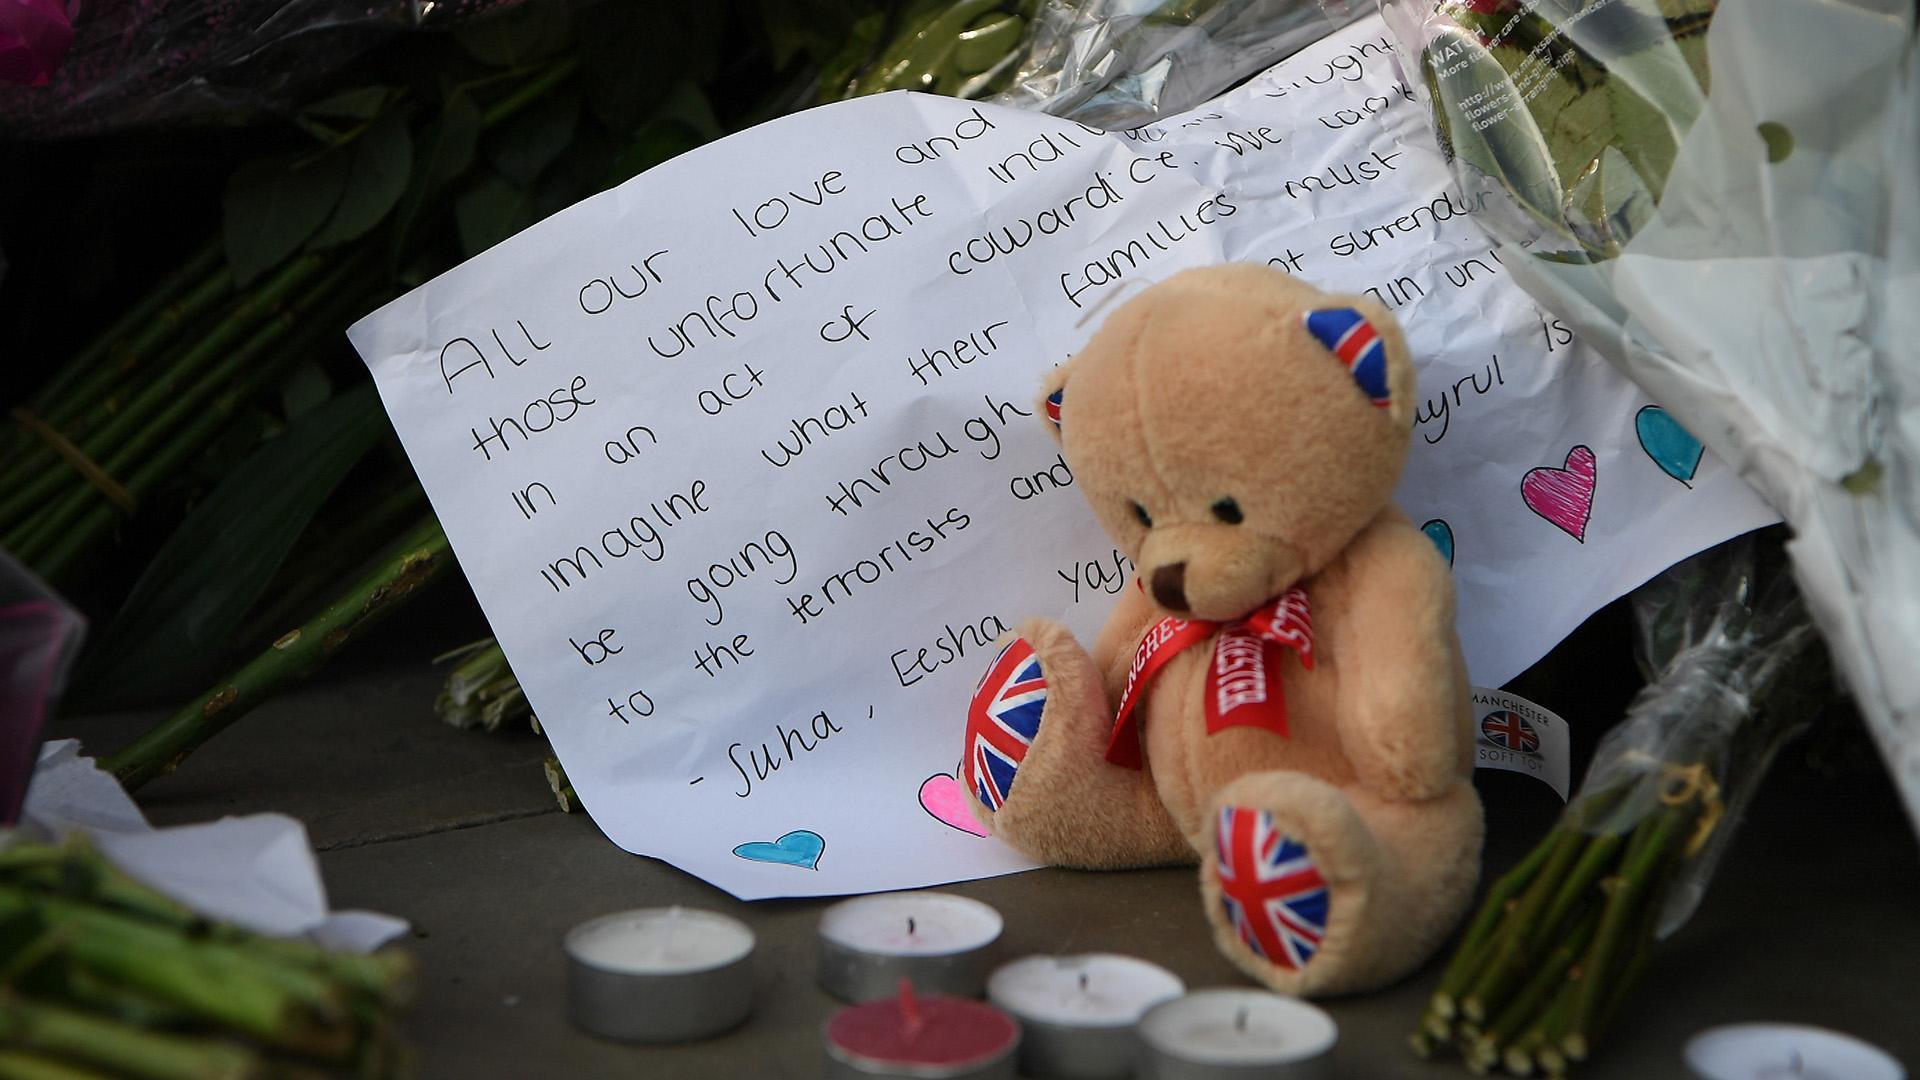 La gente se mostró conmovida tras el atentado (Getty Images)